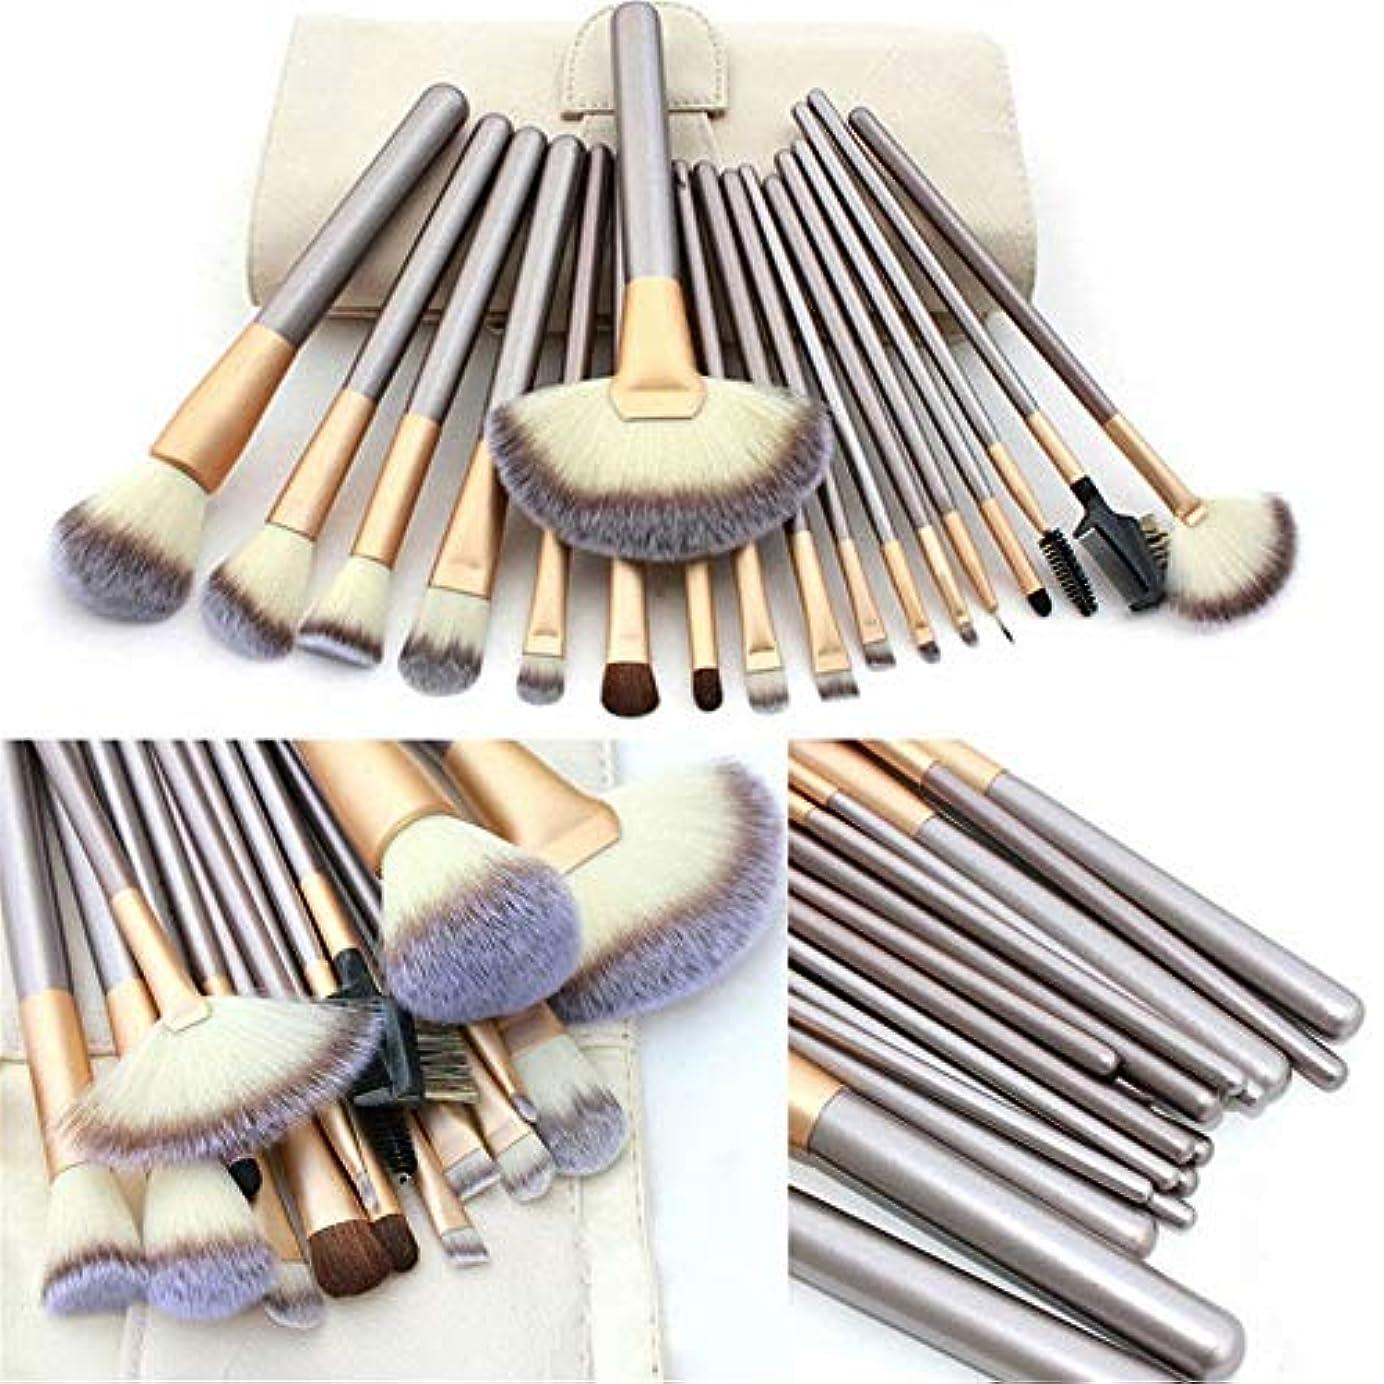 改善する野心的ターゲットMakeup brushes ナイロンヘア、PUレザーエクリュメイクアップブラシセットポーチ、18個プロフェッショナルメイクアップブラシカウンターシンク suits (Color : Beige)